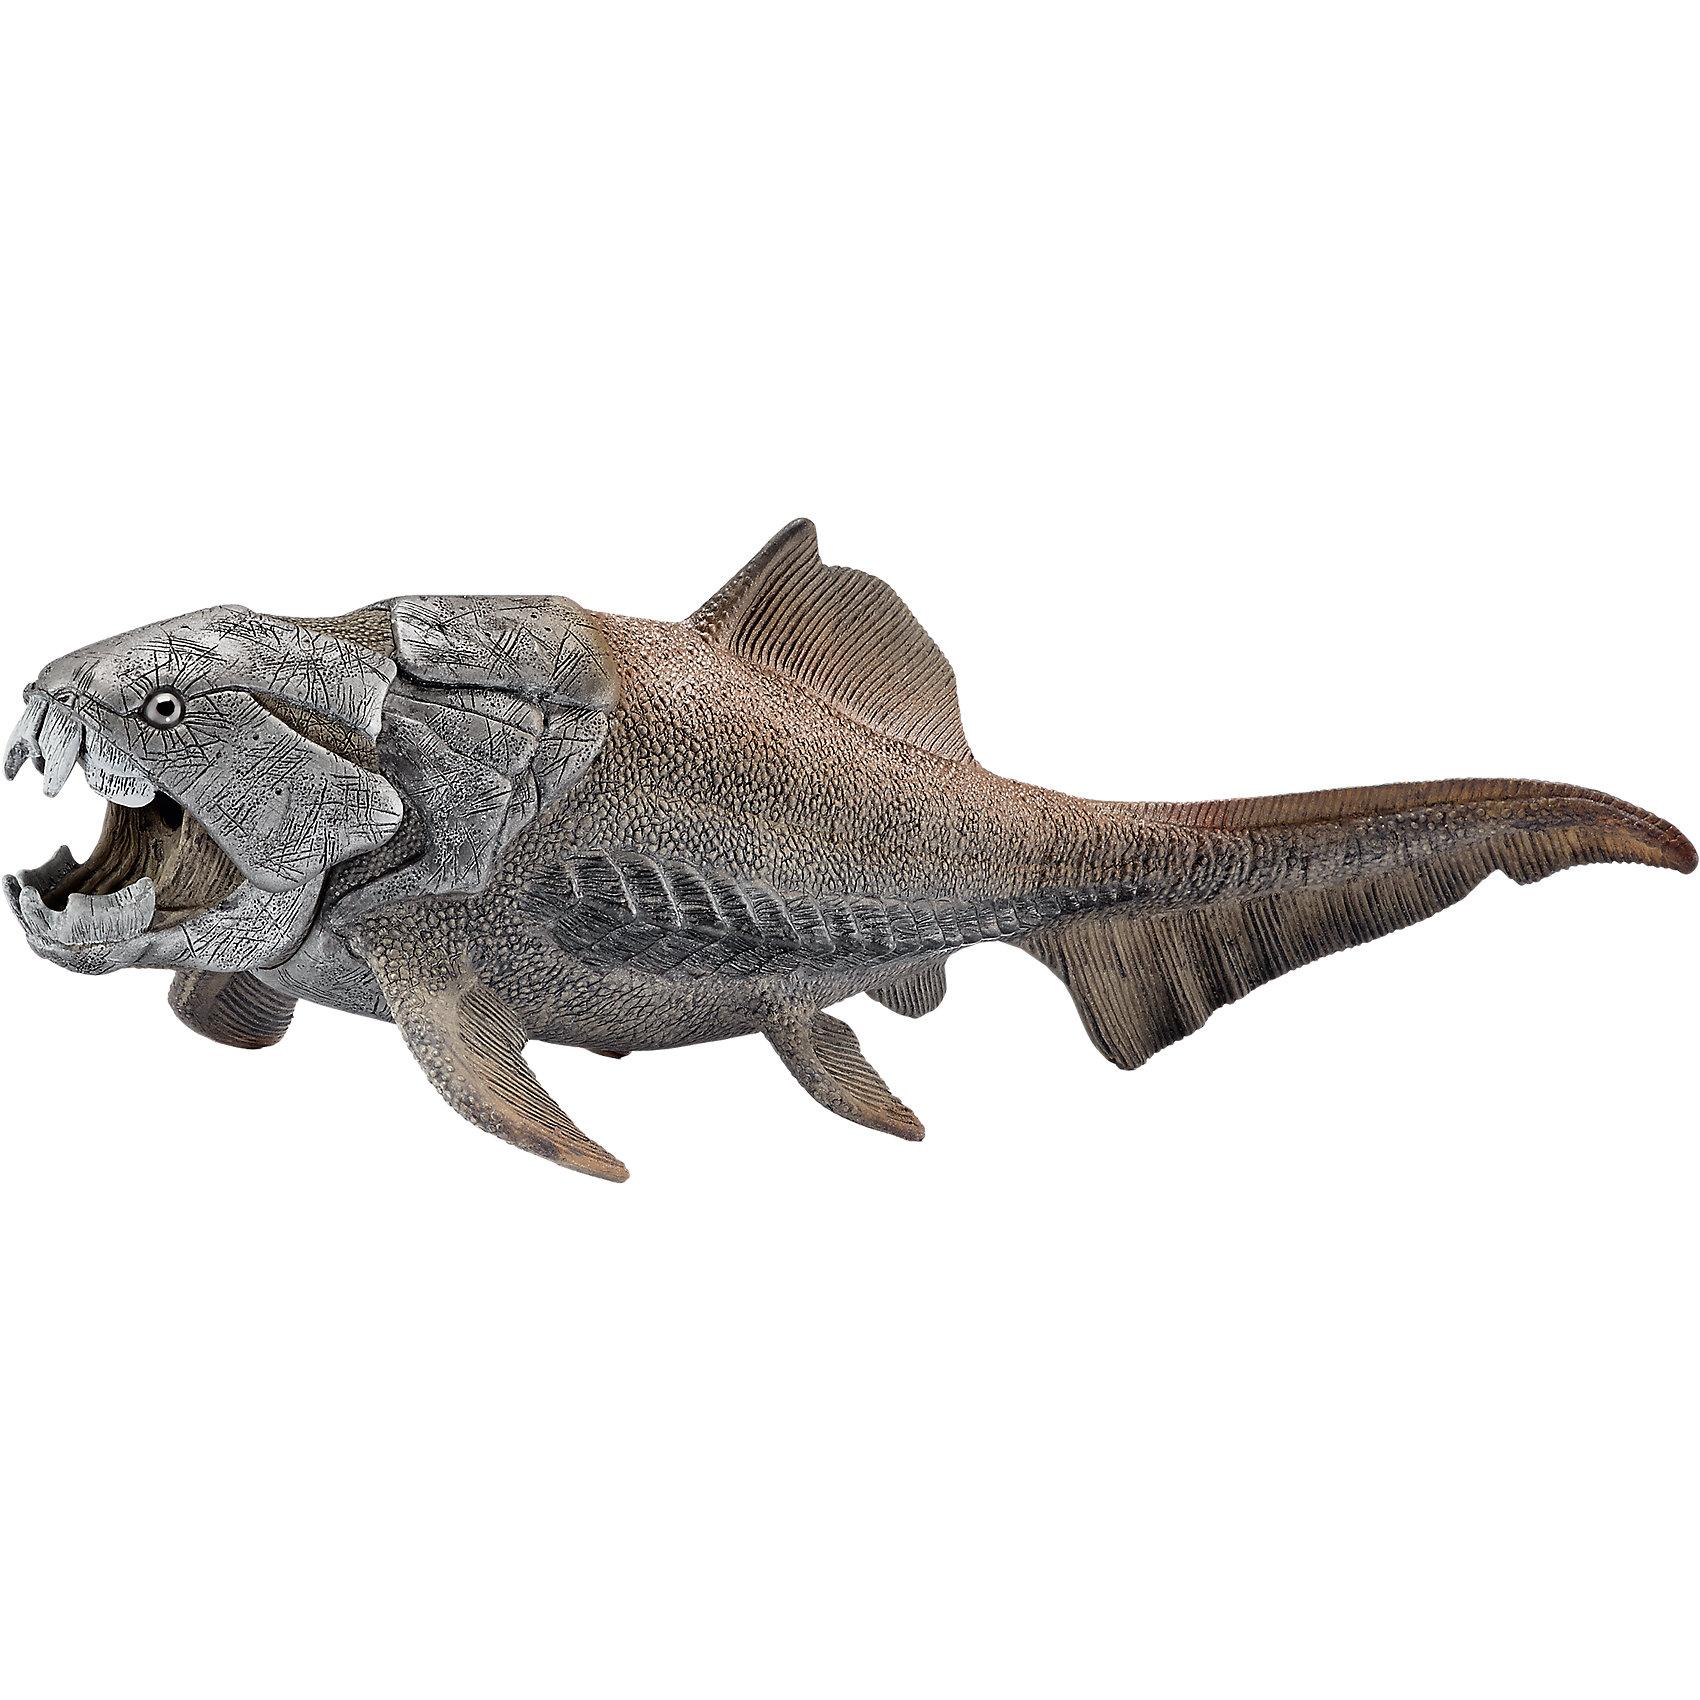 Дунклеостеус, SchleichДунклеостеус, Schleich – отличное пополнение коллекции динозавров или ее начала.<br>Если ребенок увлекается динозаврами, то Дунклеостеус станет отличным подарком для него. Такой вид динозавров жил 415-360 миллионов лет назад. Фигурка в точности повторяет воспроизведенное строение Дунклеостеуса. Изготовлена она из качественного материала, который безопасен для детей и не вызывает аллергии.<br><br>Дополнительная информация:<br><br>- возраст: от 3 лет<br>- материал: каучук, пластик<br>- размер: 21.3 x 6.9 x 8.6 см<br>- страна: Германия.<br><br>Дунклеостеуса, Schleich можно купить в нашем интернет магазине.<br><br>Ширина мм: 187<br>Глубина мм: 81<br>Высота мм: 76<br>Вес г: 135<br>Возраст от месяцев: 60<br>Возраст до месяцев: 144<br>Пол: Мужской<br>Возраст: Детский<br>SKU: 4662503